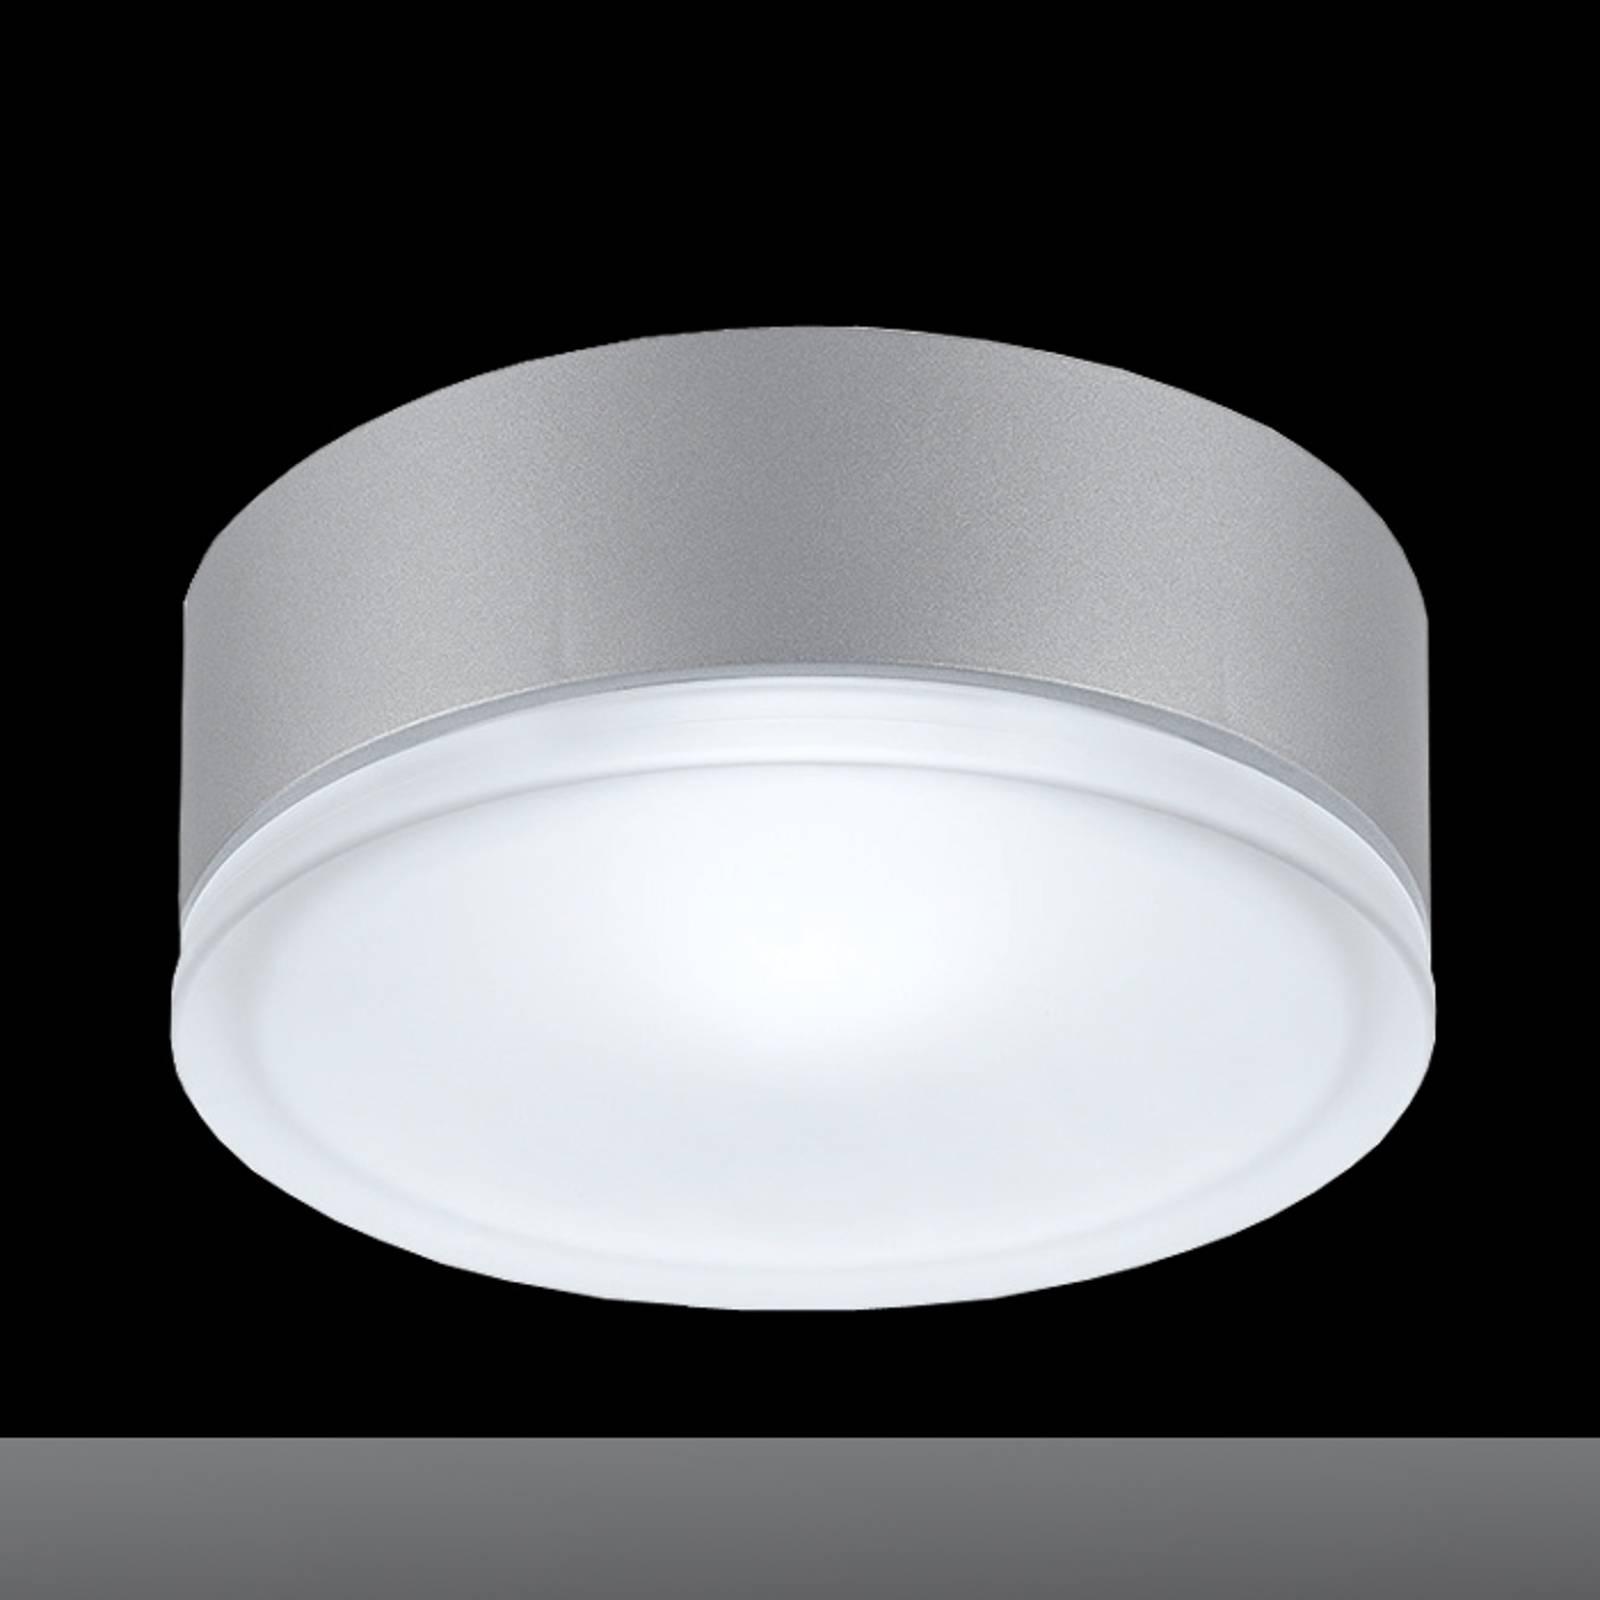 deckenlampen und andere lampen von prisma online kaufen bei m bel garten. Black Bedroom Furniture Sets. Home Design Ideas